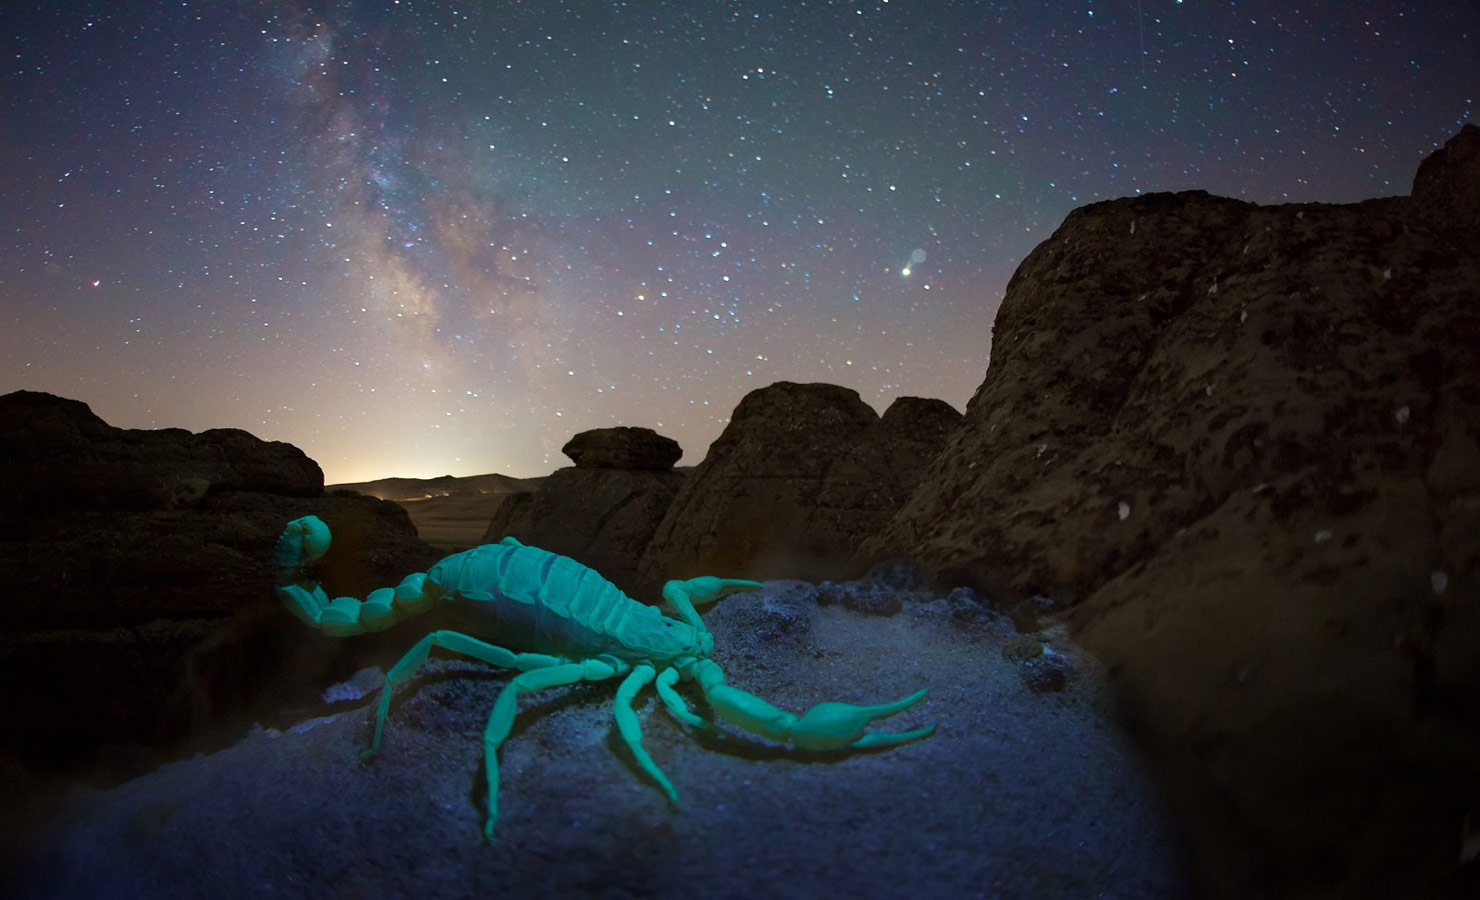 В созвездии стрельца и скорпиона, © Егор Никифоров